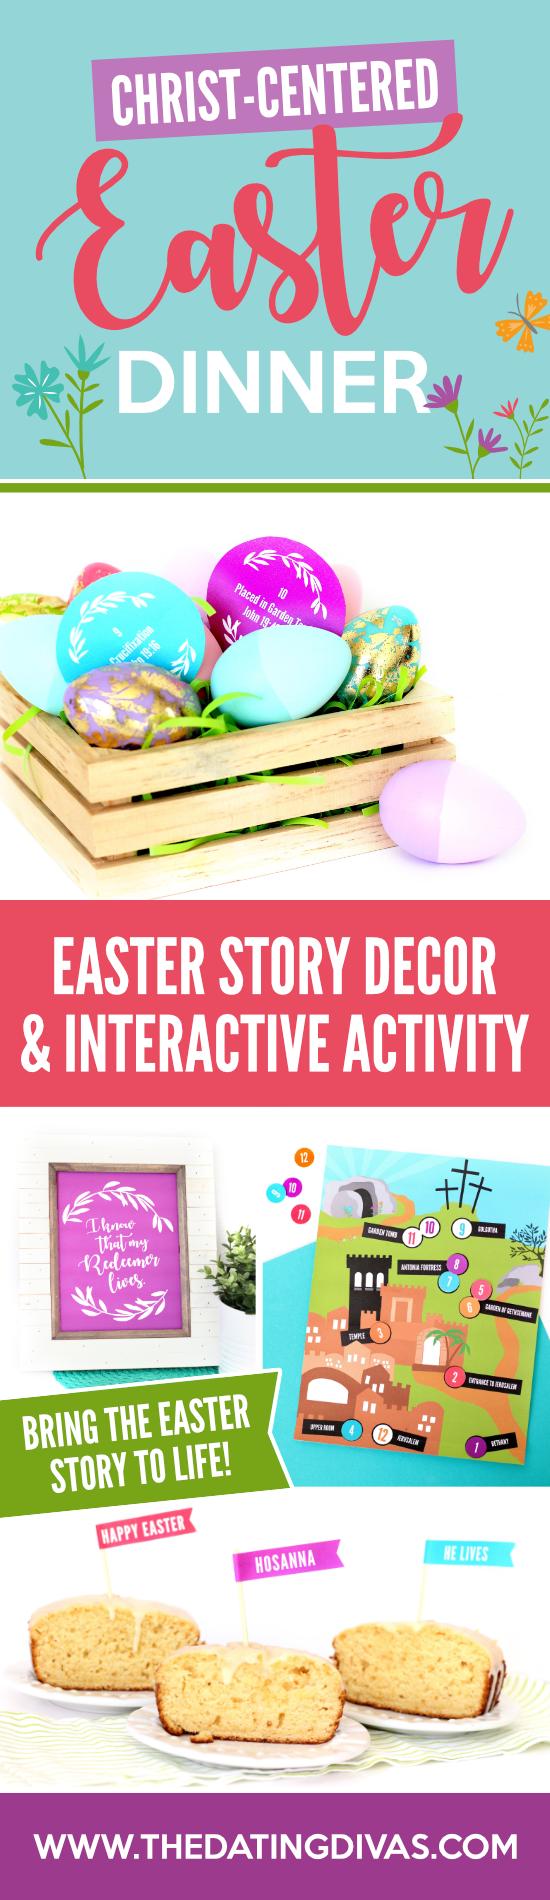 Christ-Centered Easter Dinner #EasterStory #EasterDinnerPrintables